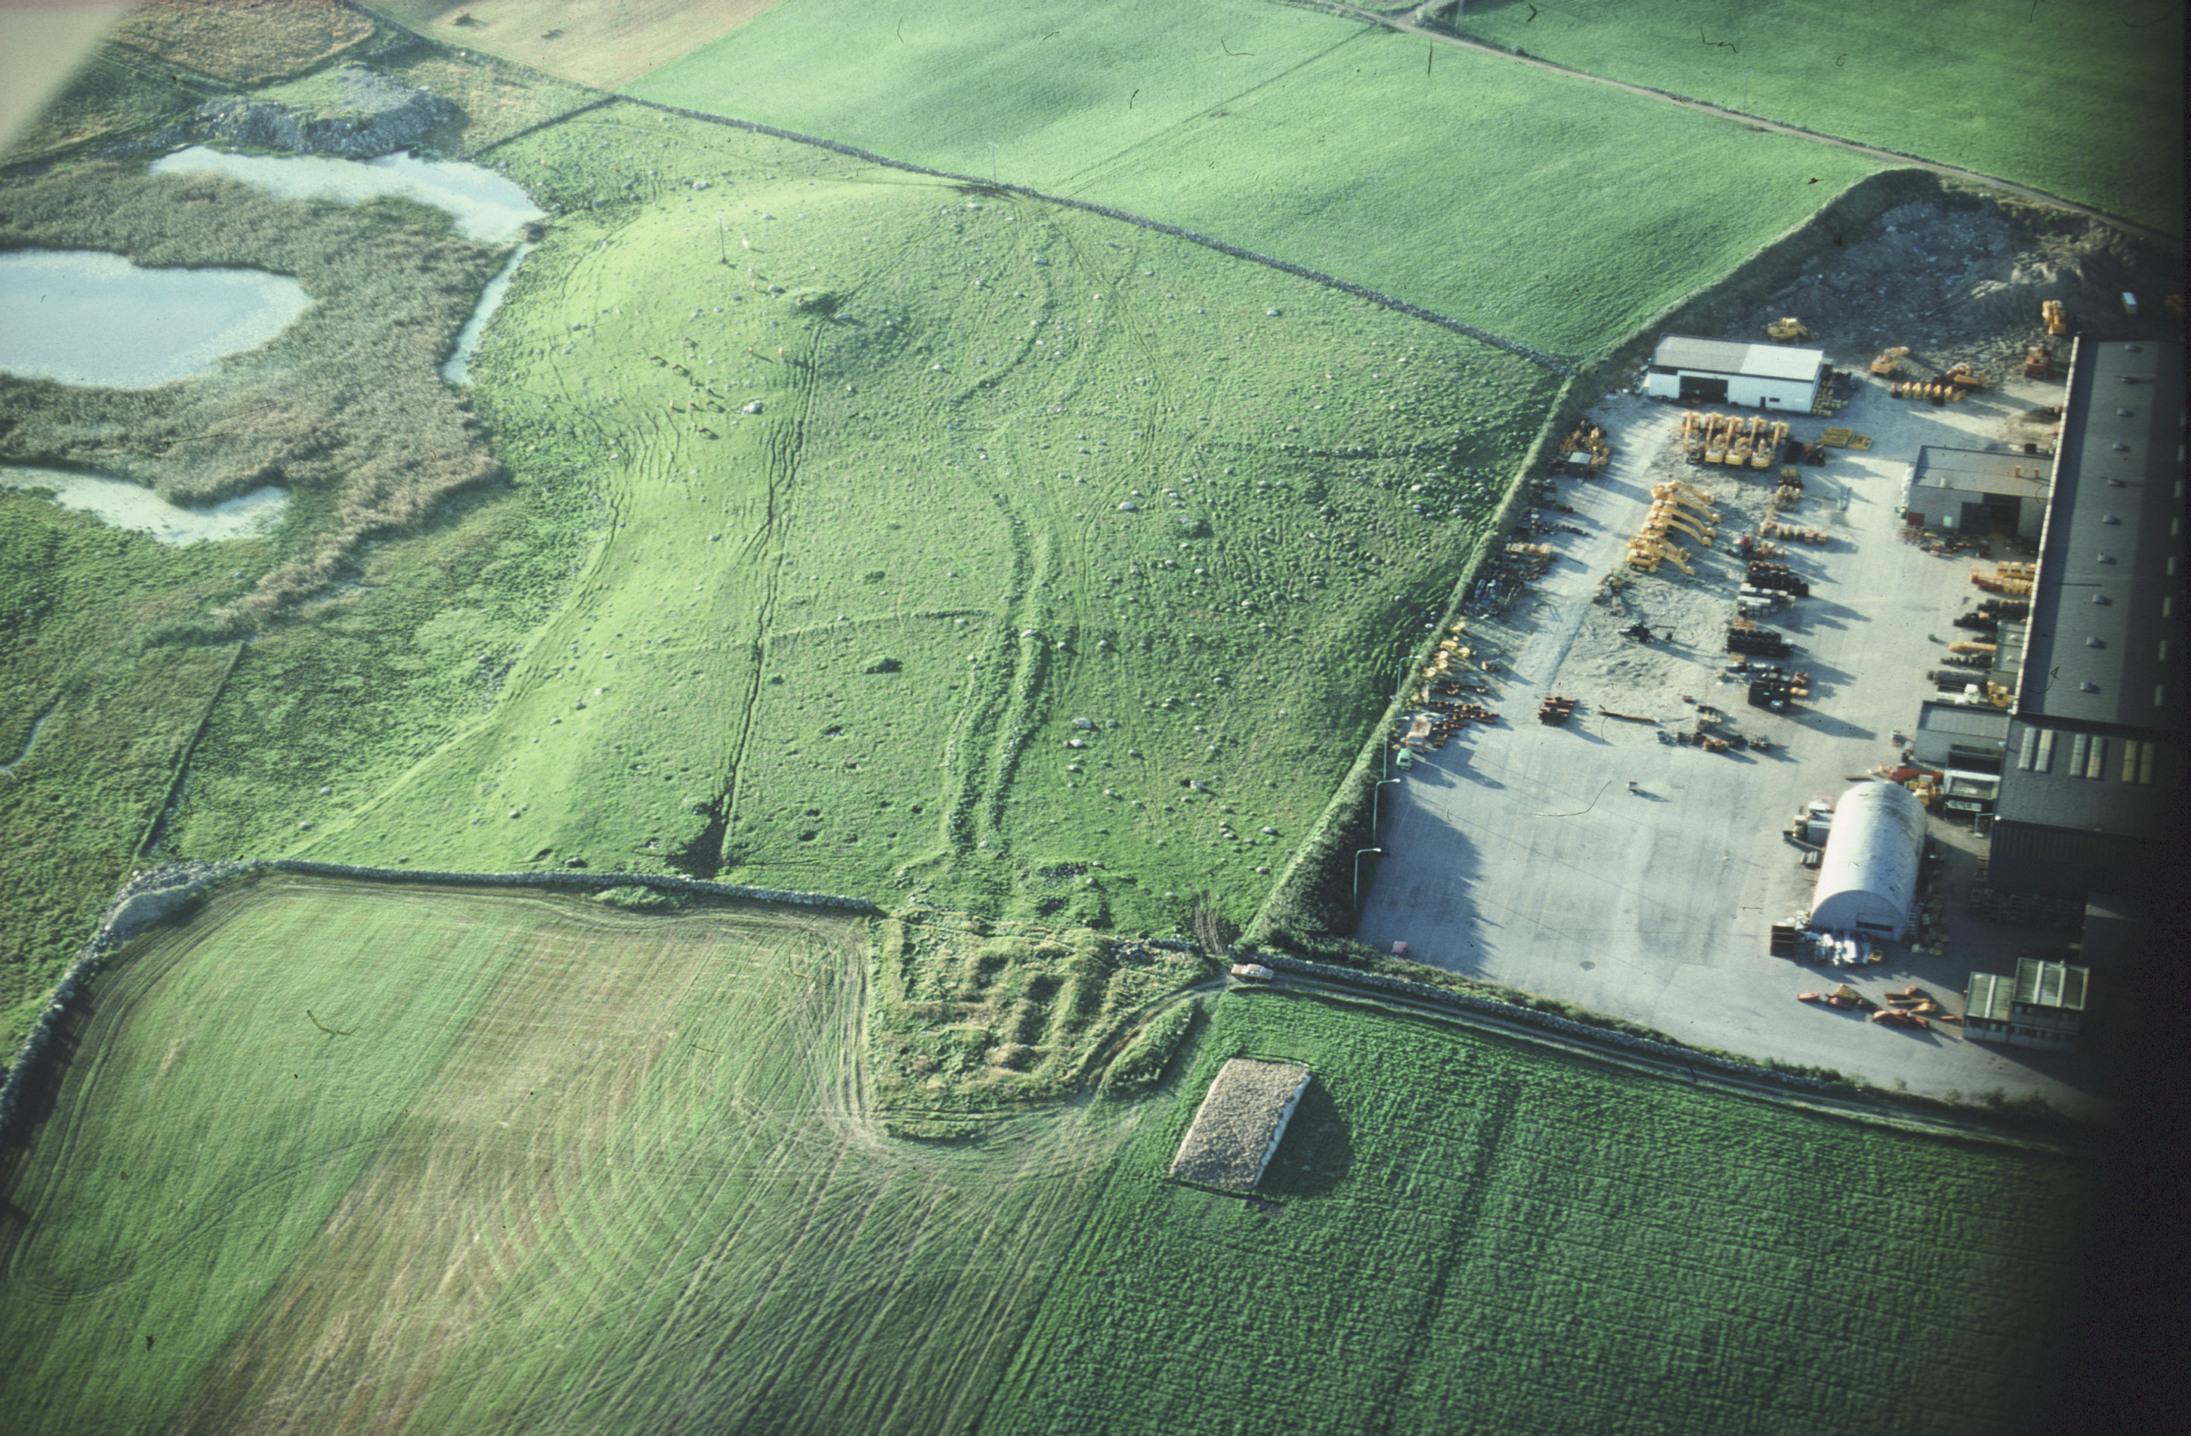 Flyfoto av Hanaland i Rogaland. Her ligger tufter, gravhauger rydningsrøyser og sammenraste steingjerder kant-i-kant med et moderne industriområde. Foto: Terje Tveit, Arkeologisk museum, UiS.